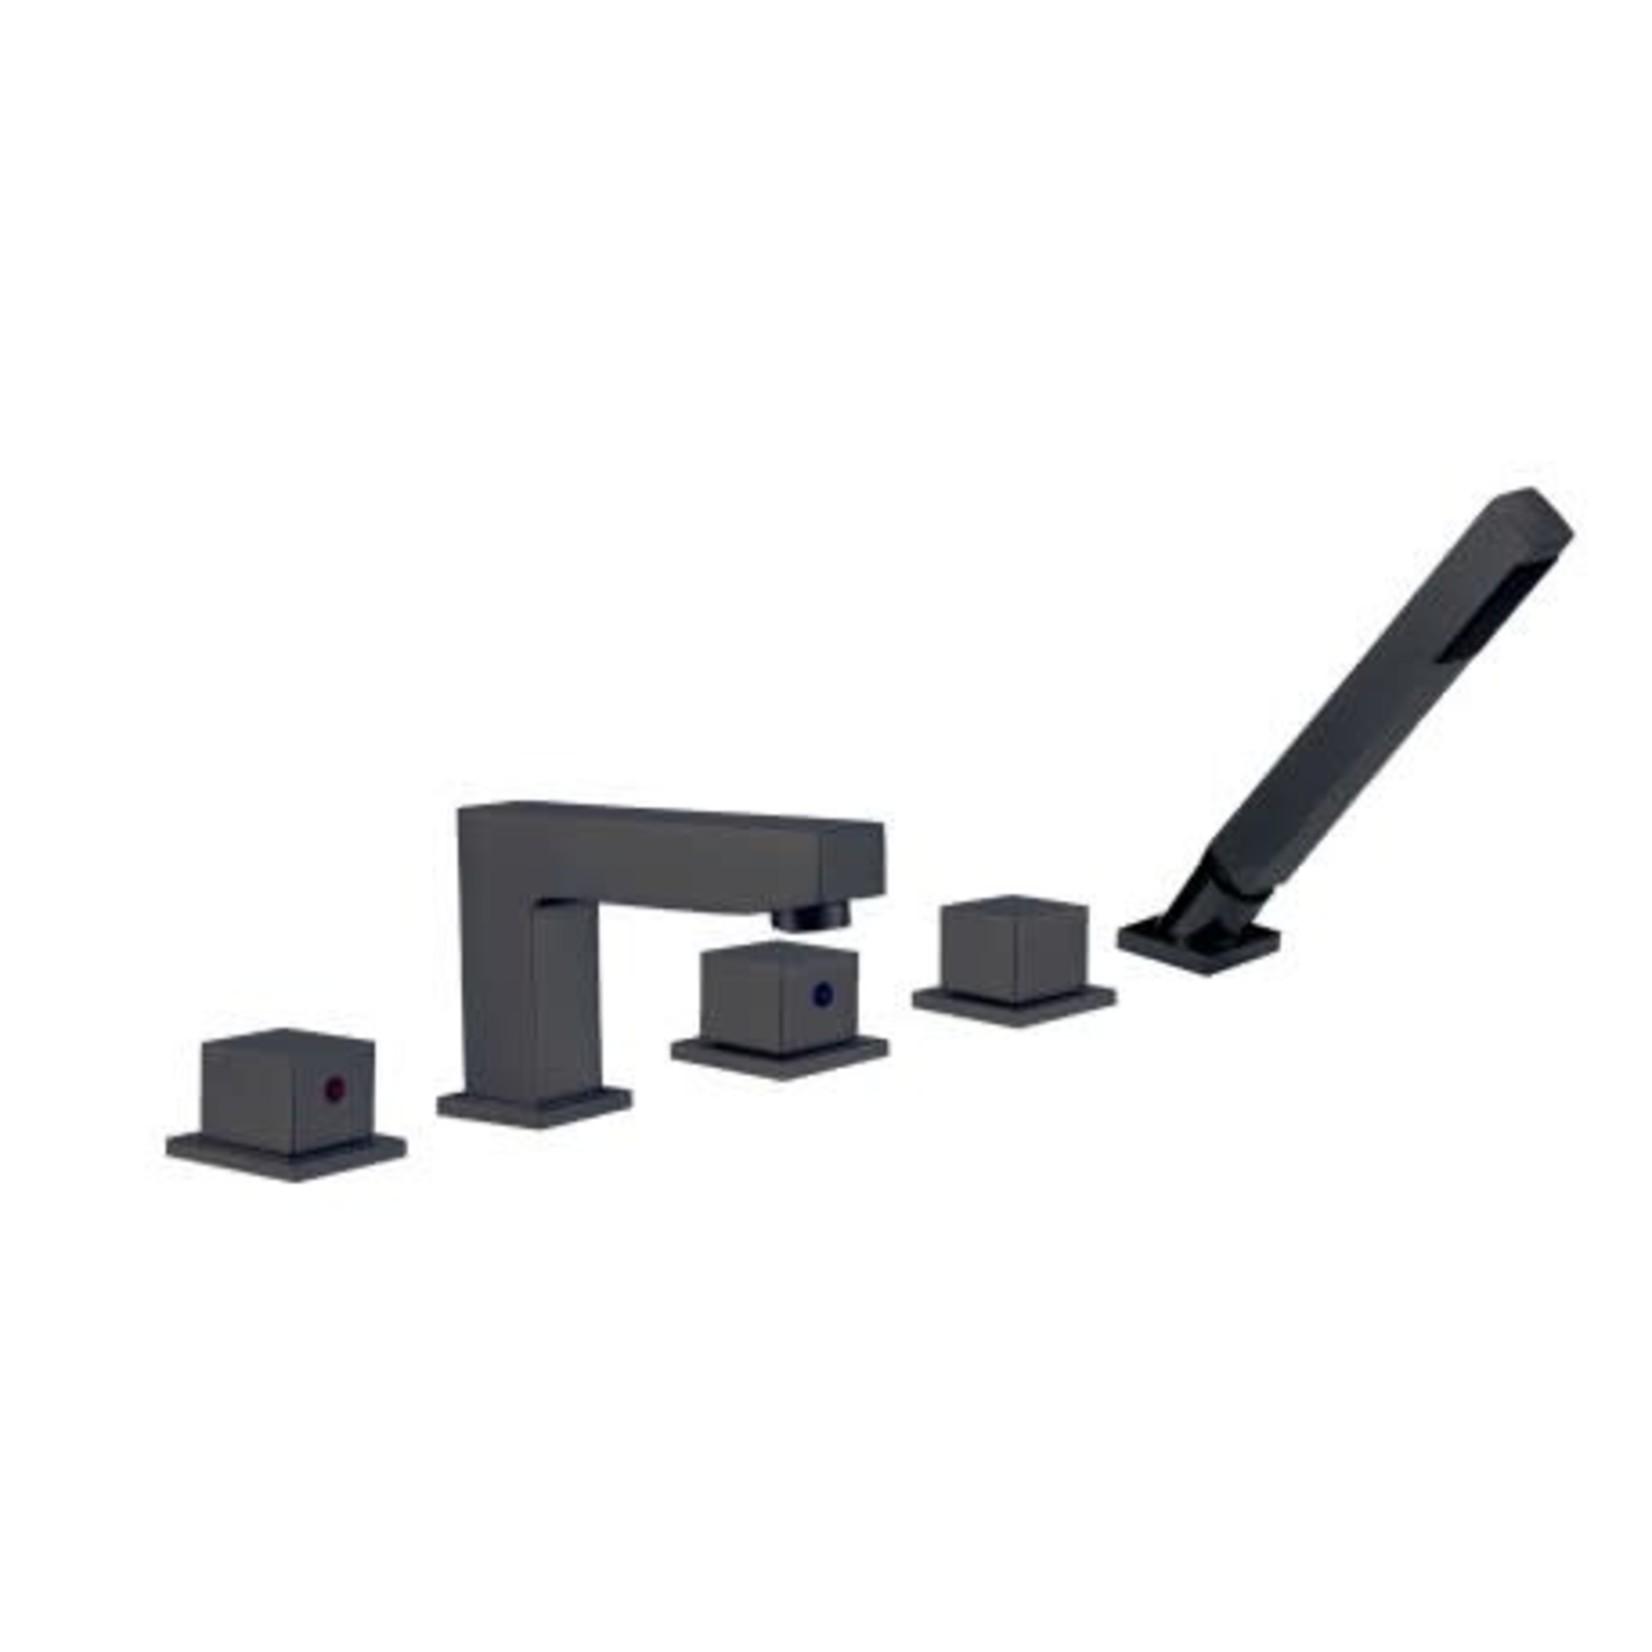 Roman tub faucet 510-11 matte black finish